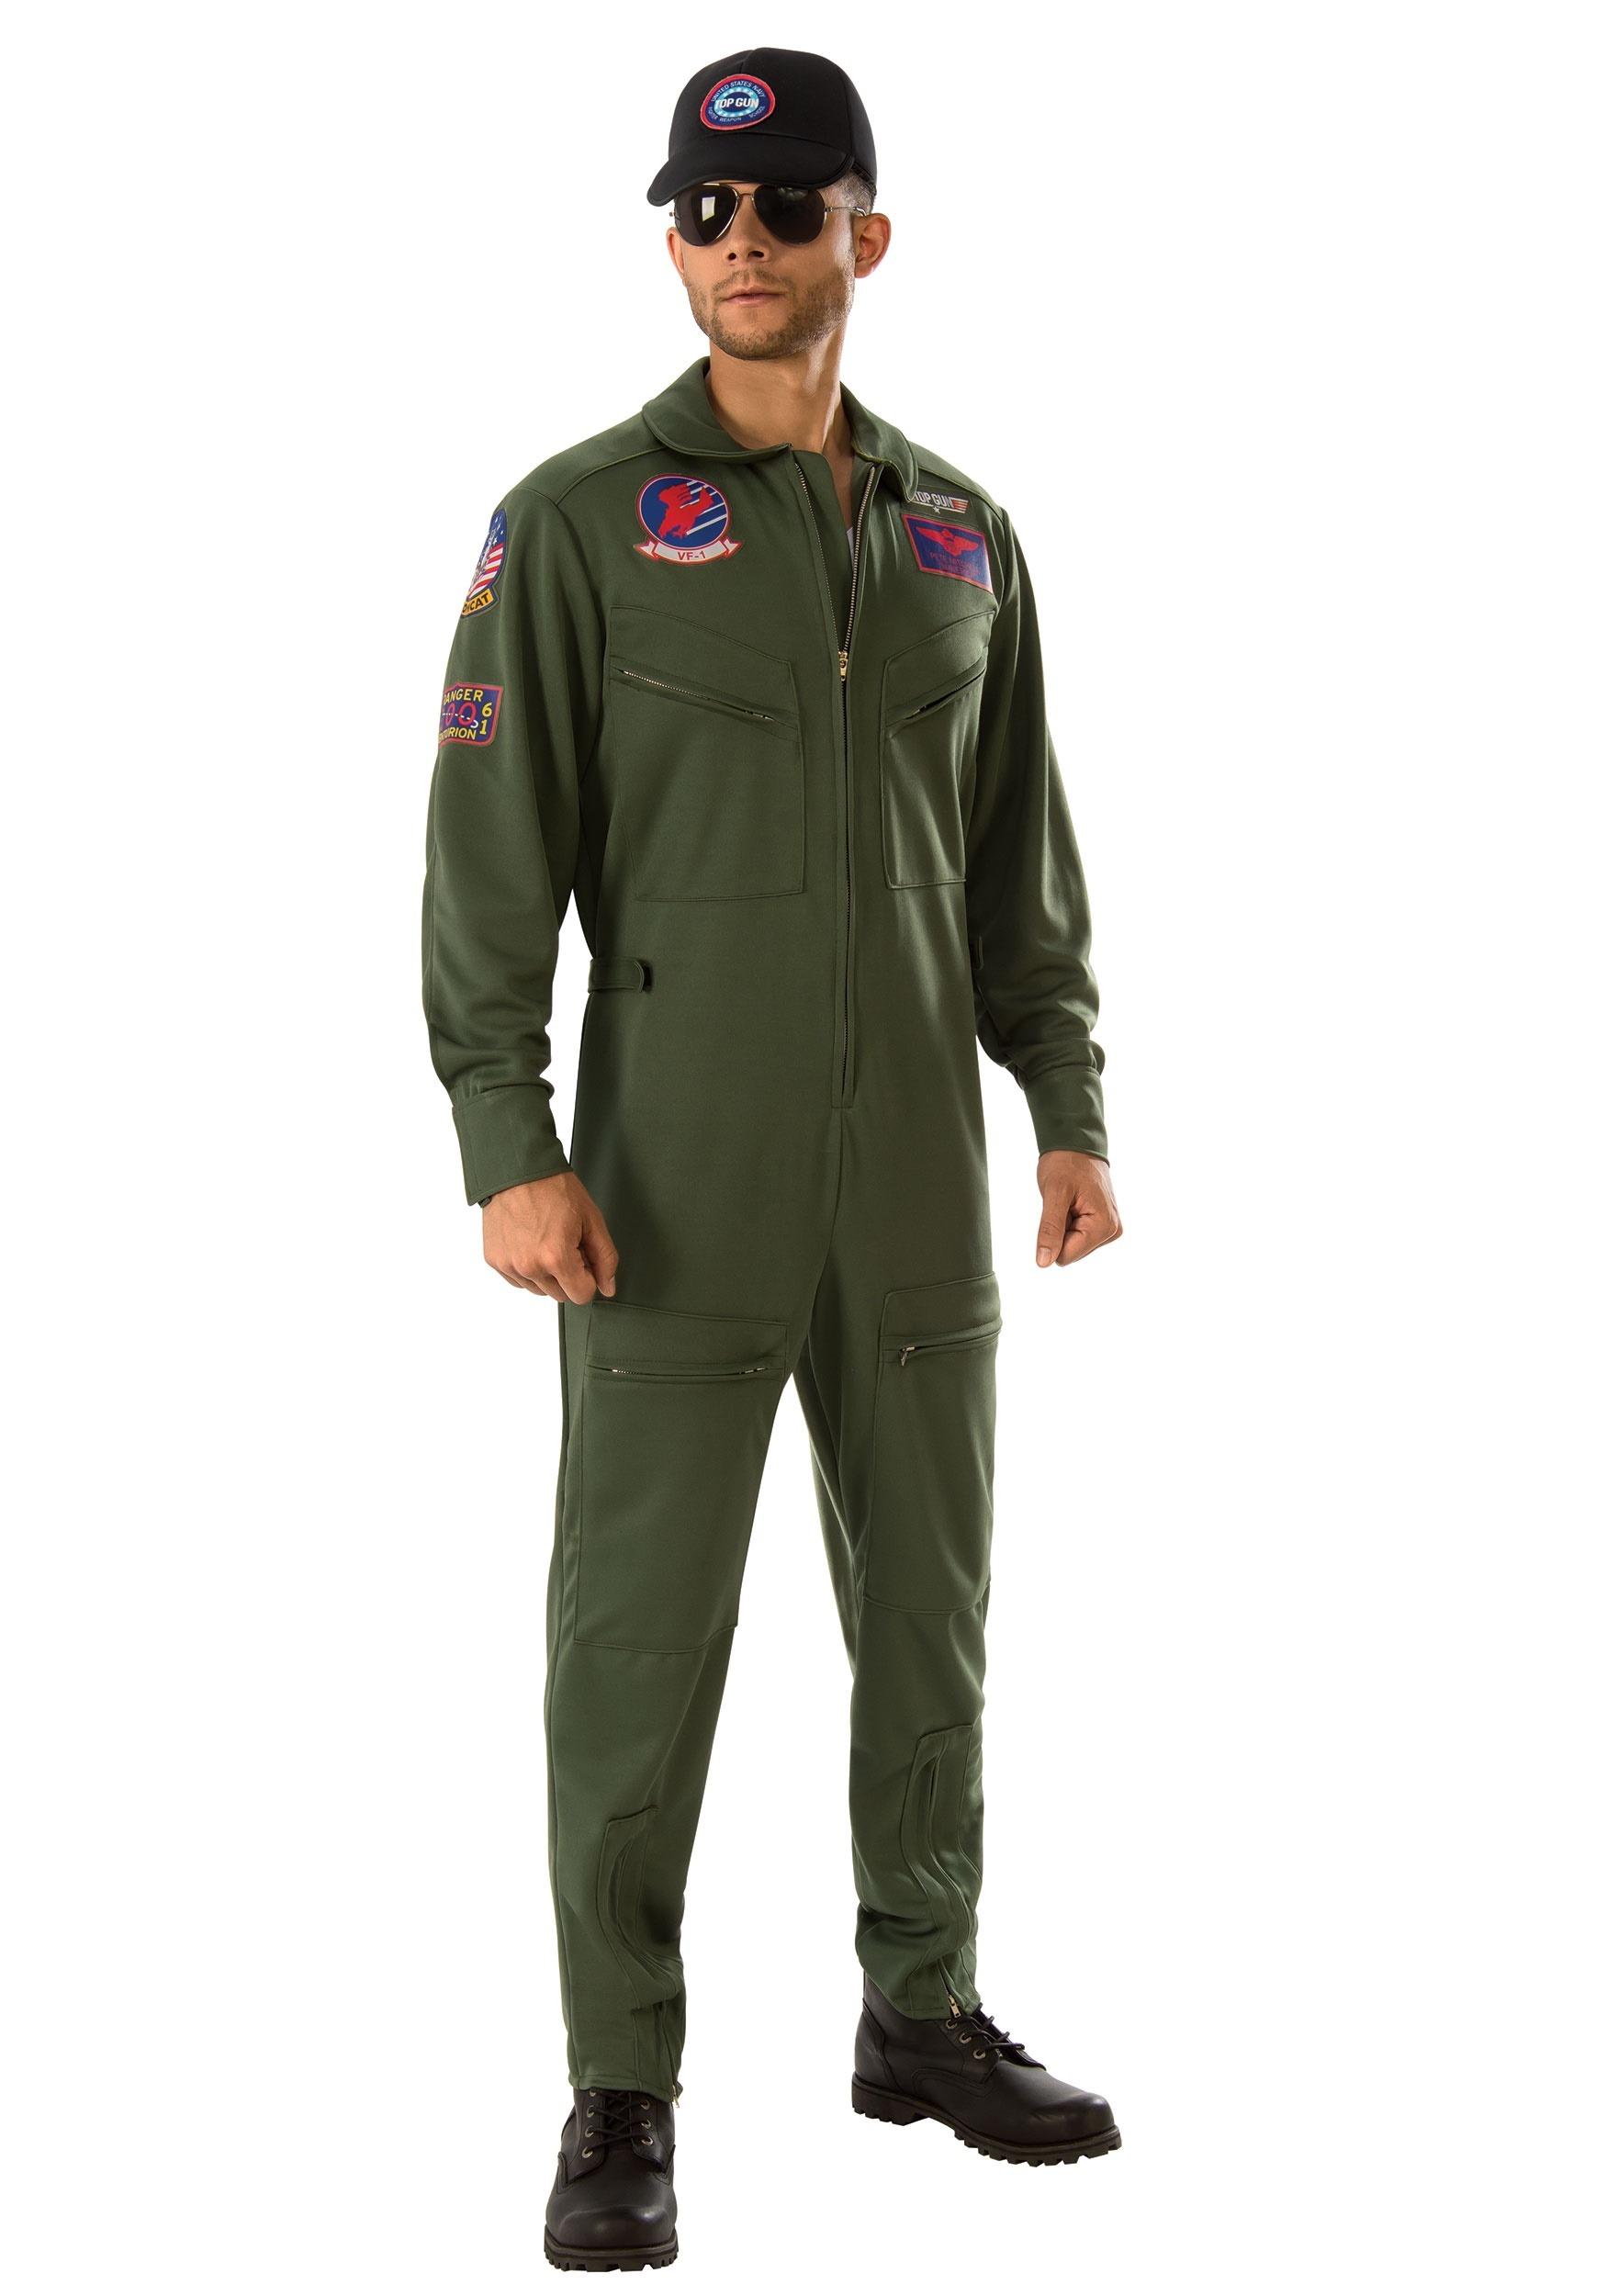 Top Gun Plus Size Jumpsuit Costume for Men